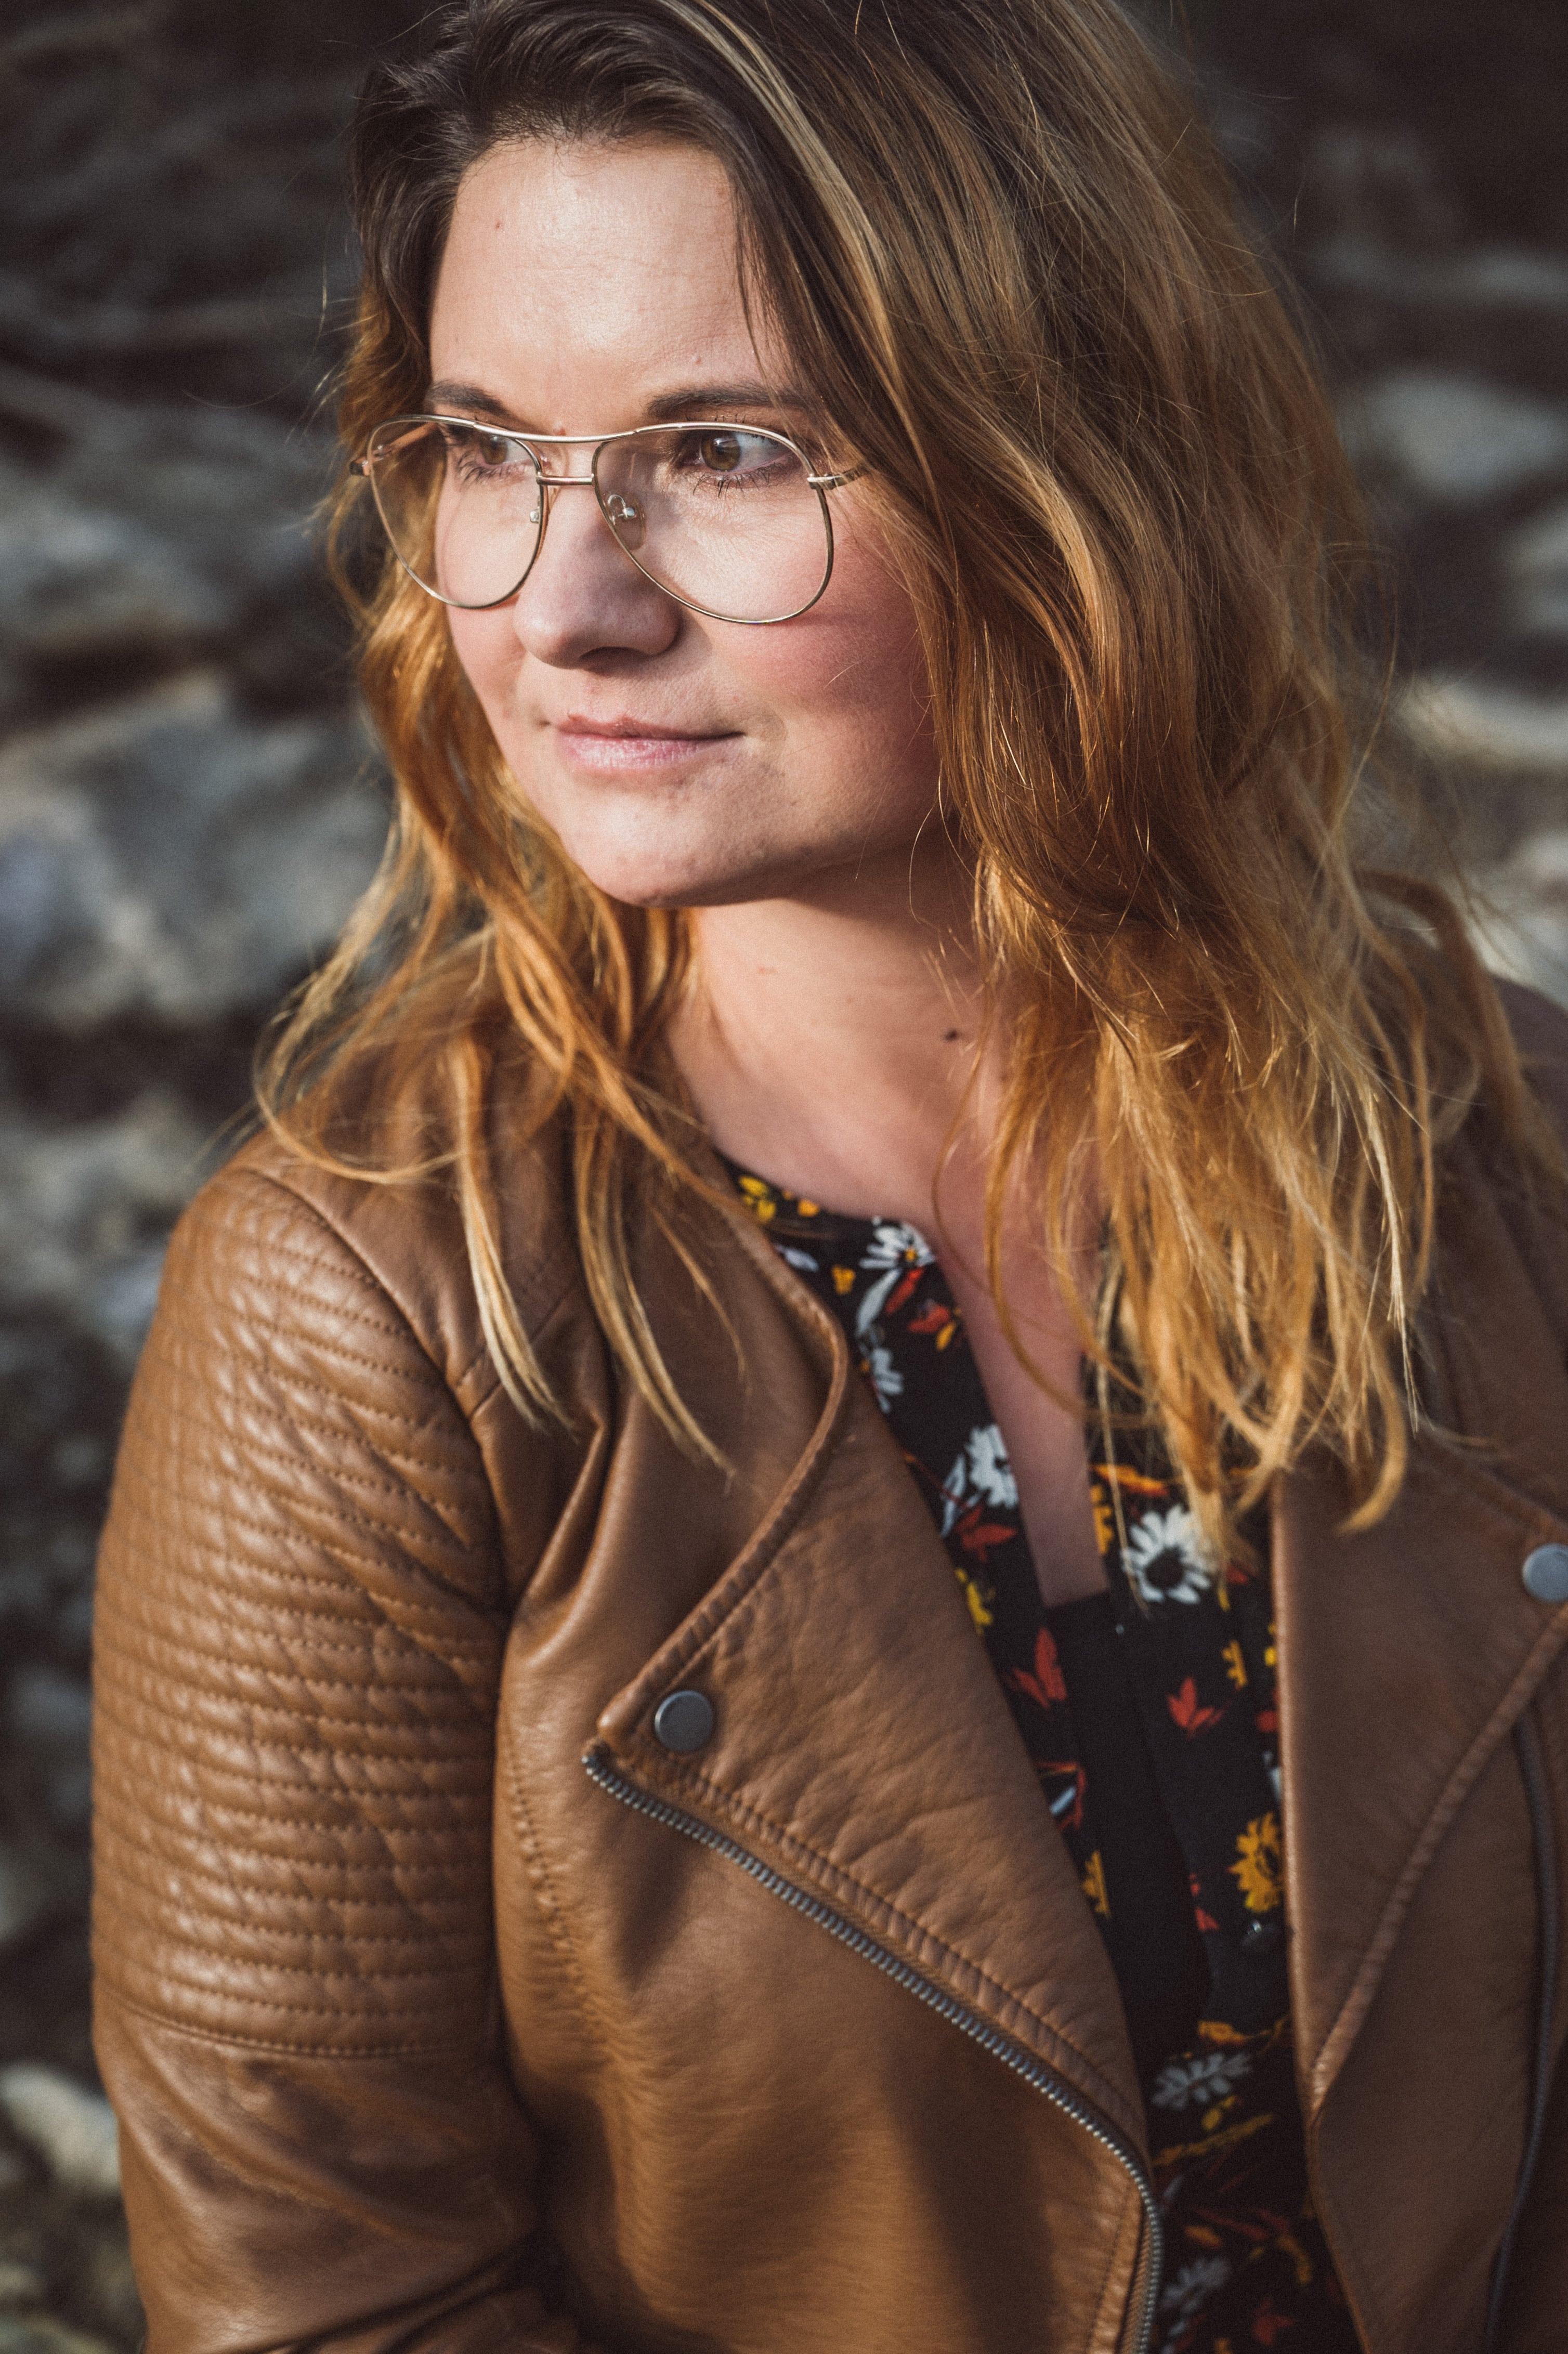 Petra Nestelbacher